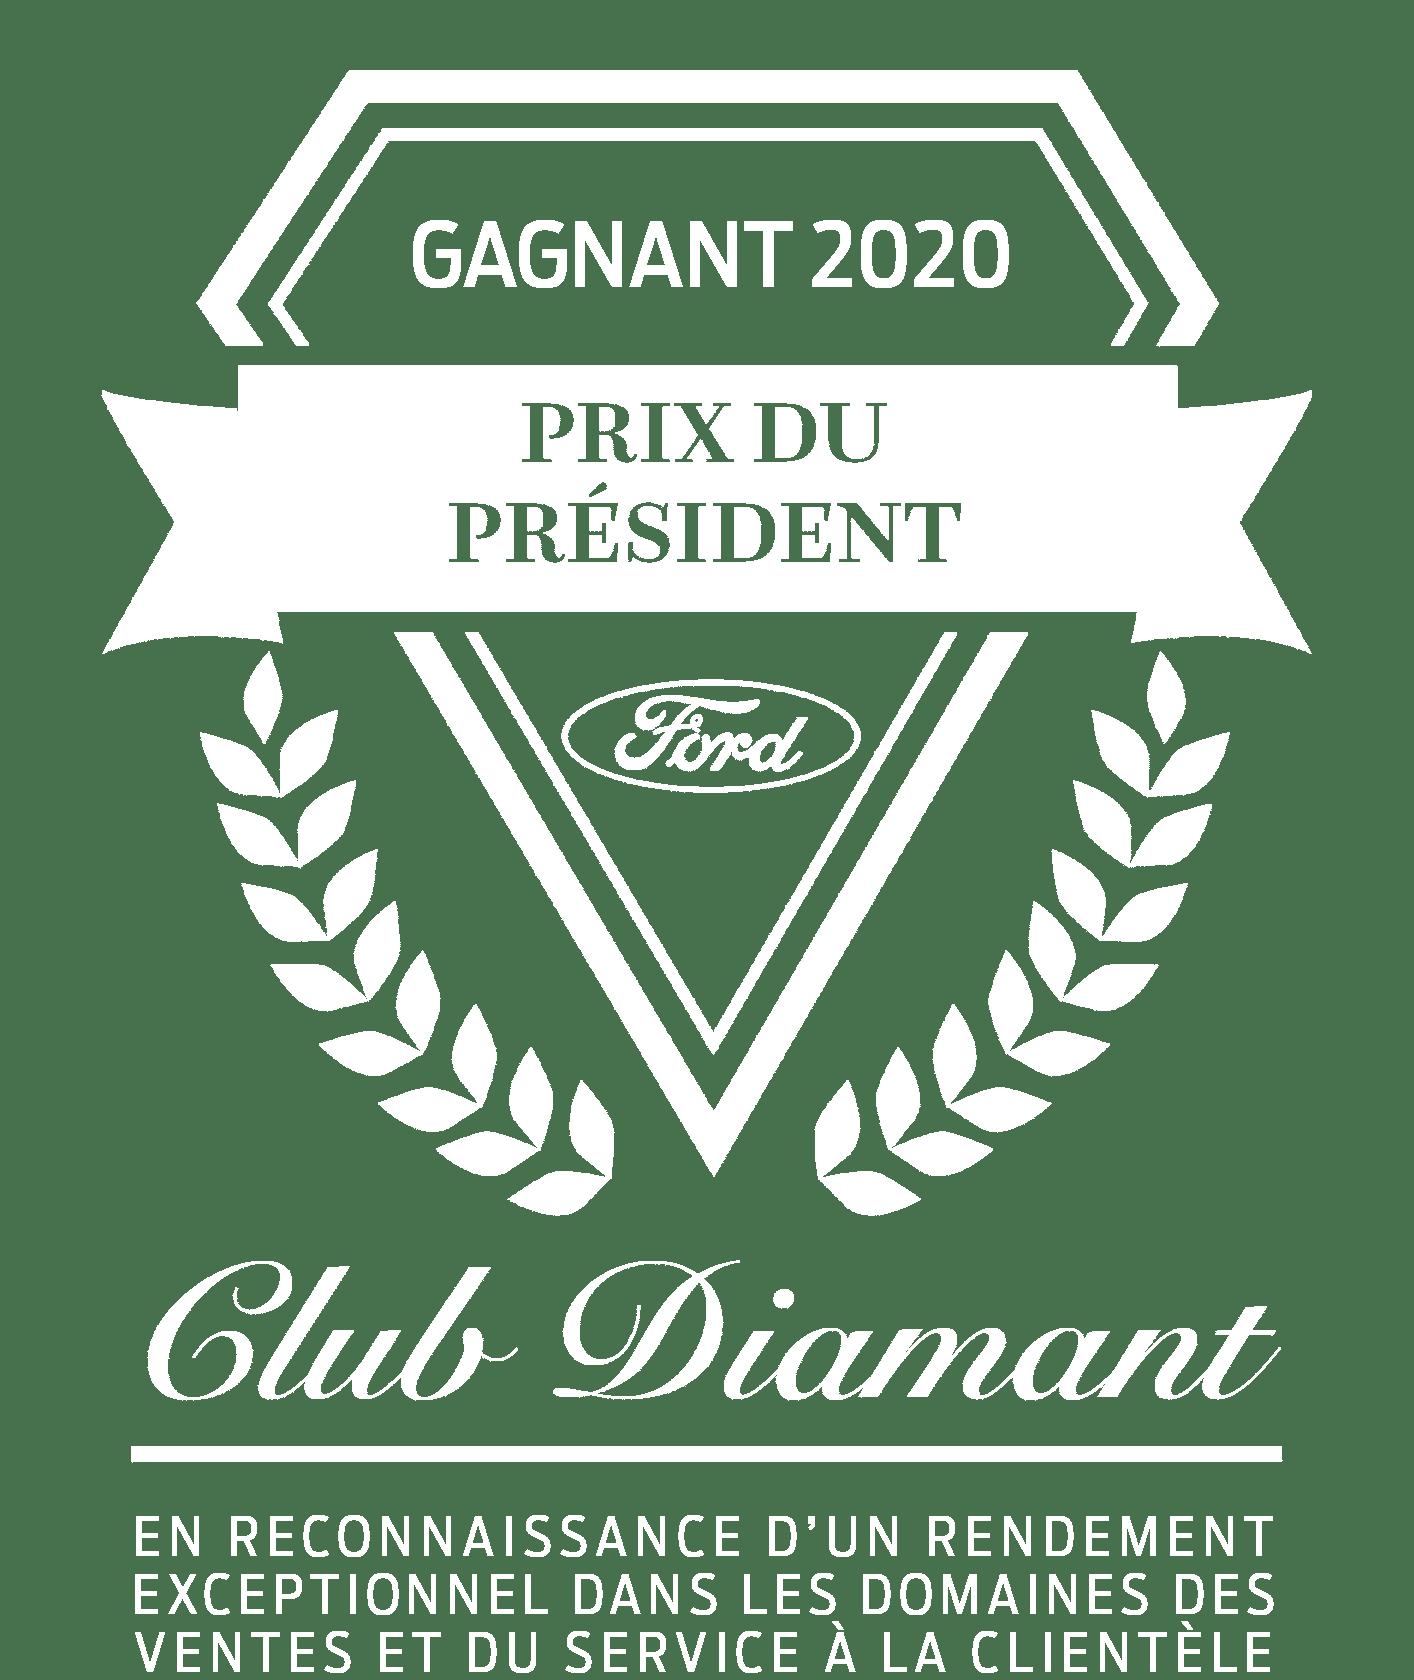 Prix du président